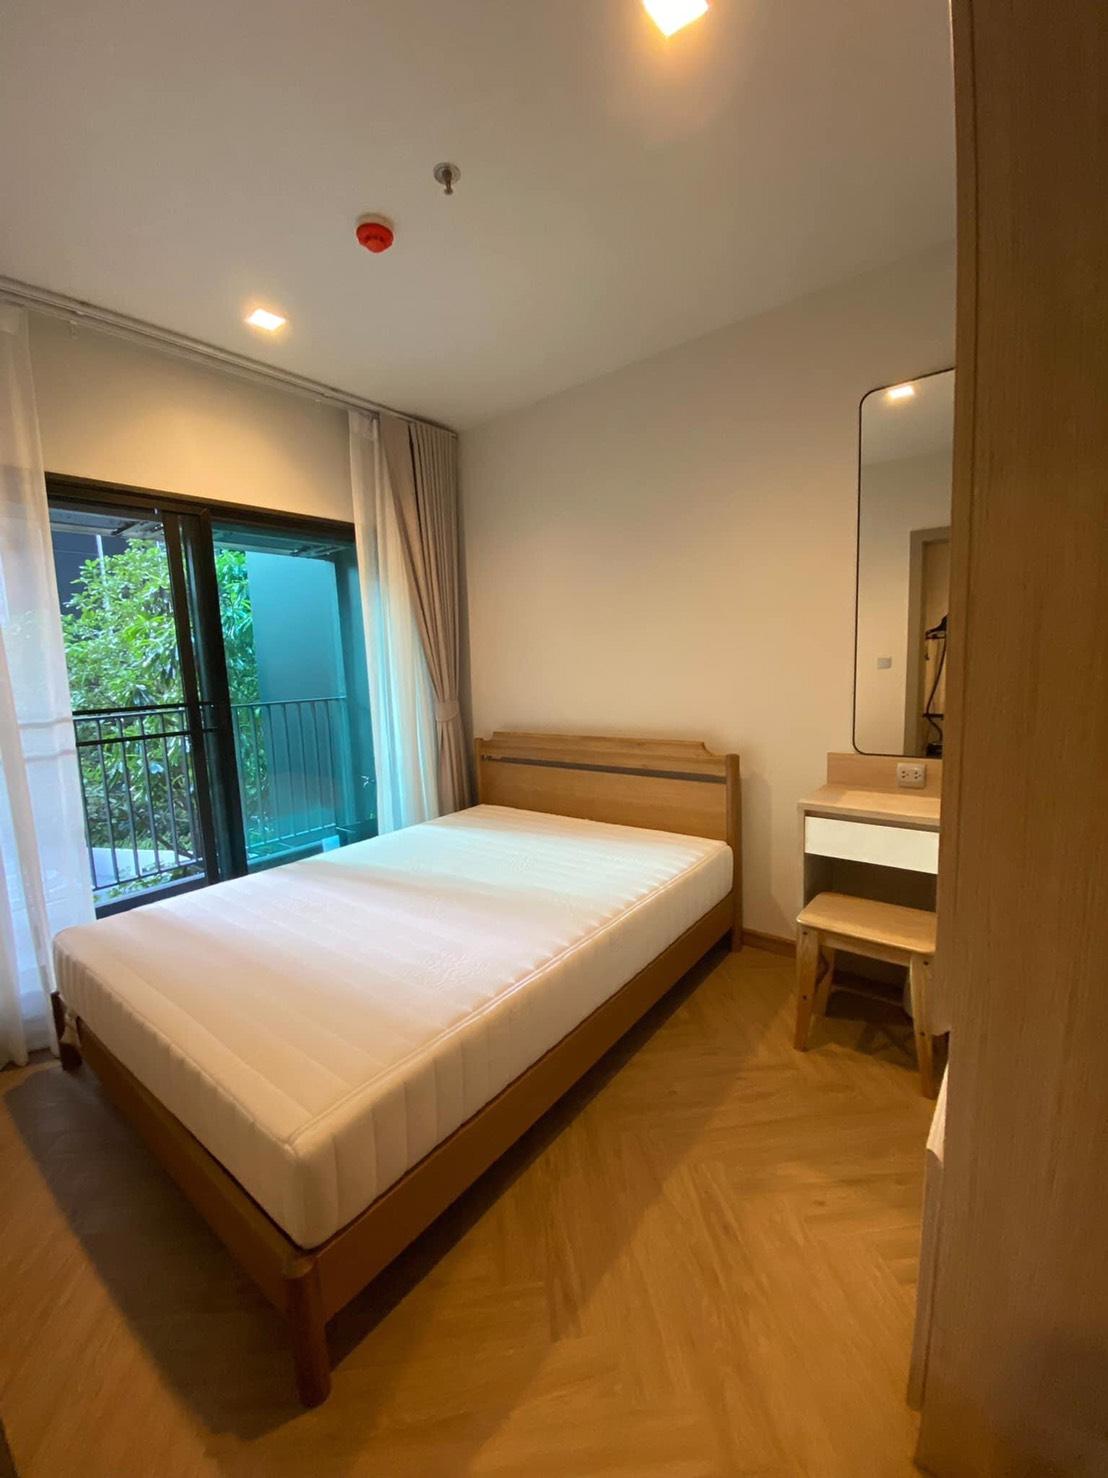 Life Asoke-Rama 9 for Rent – MRT Phra Ram 9 300 meters – Unit 35 Sq.m.